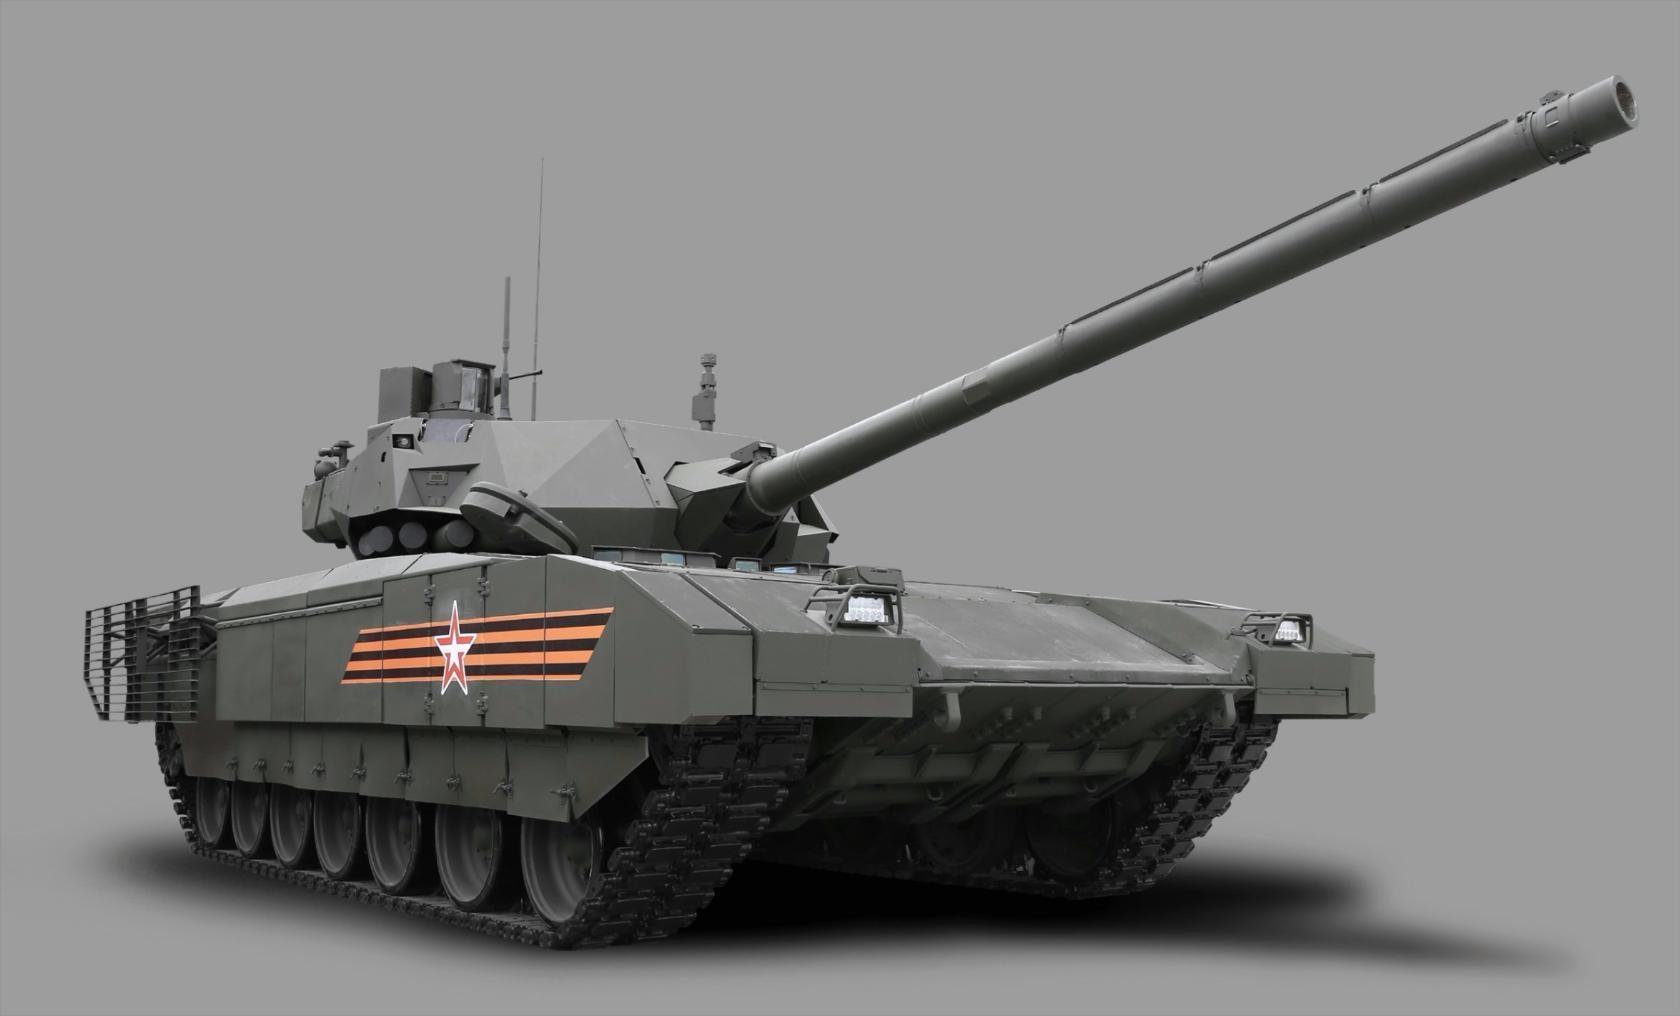 Армата - гордость российских танковых войск